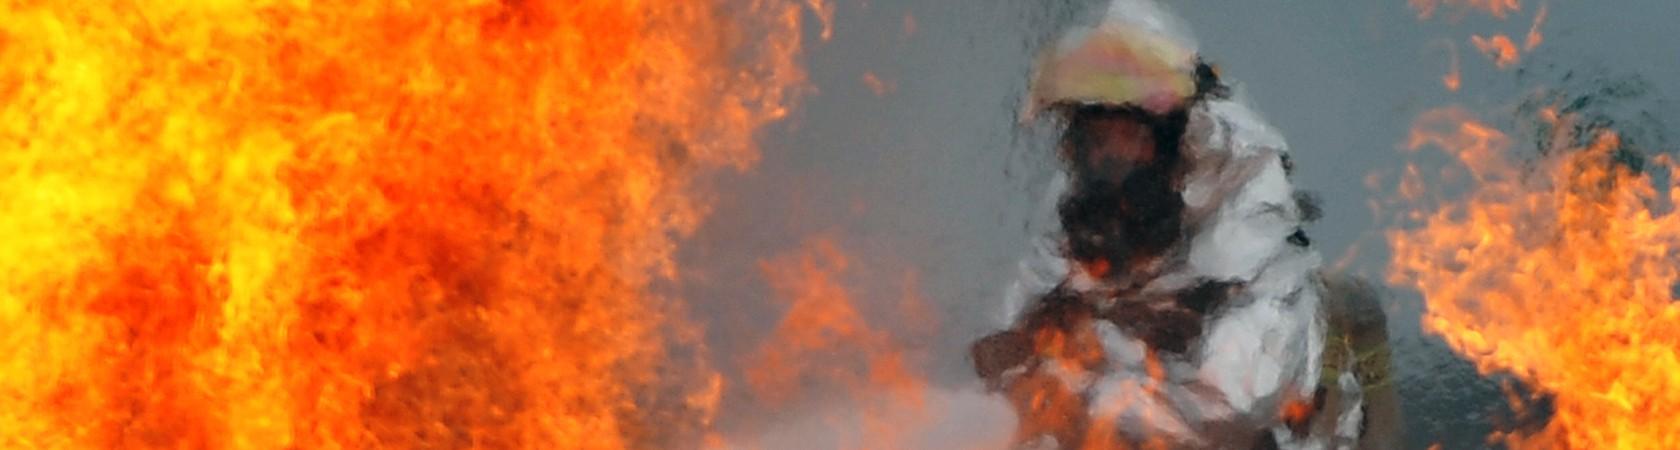 hot_flames3